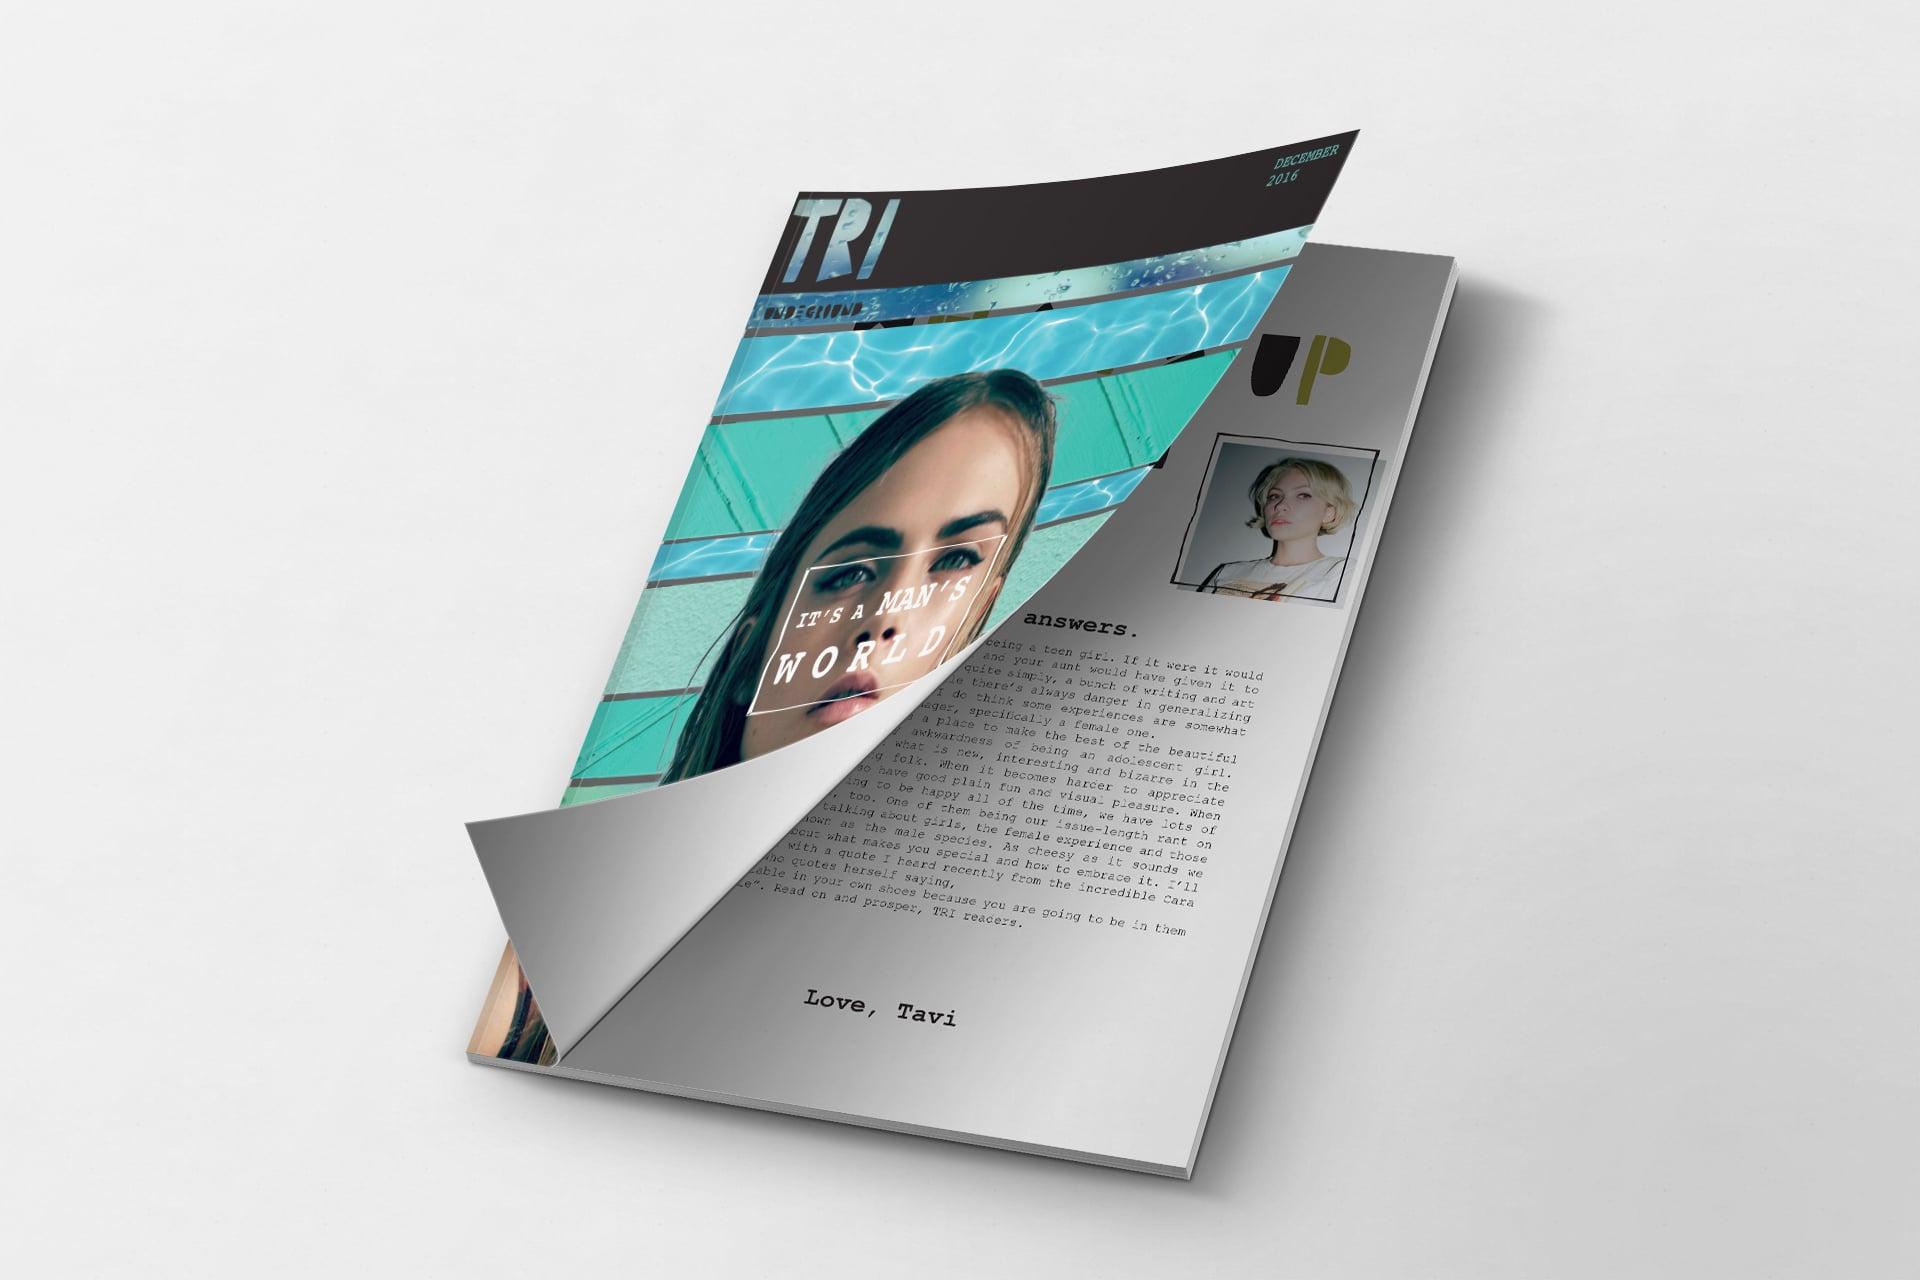 TRI Underground Magazine